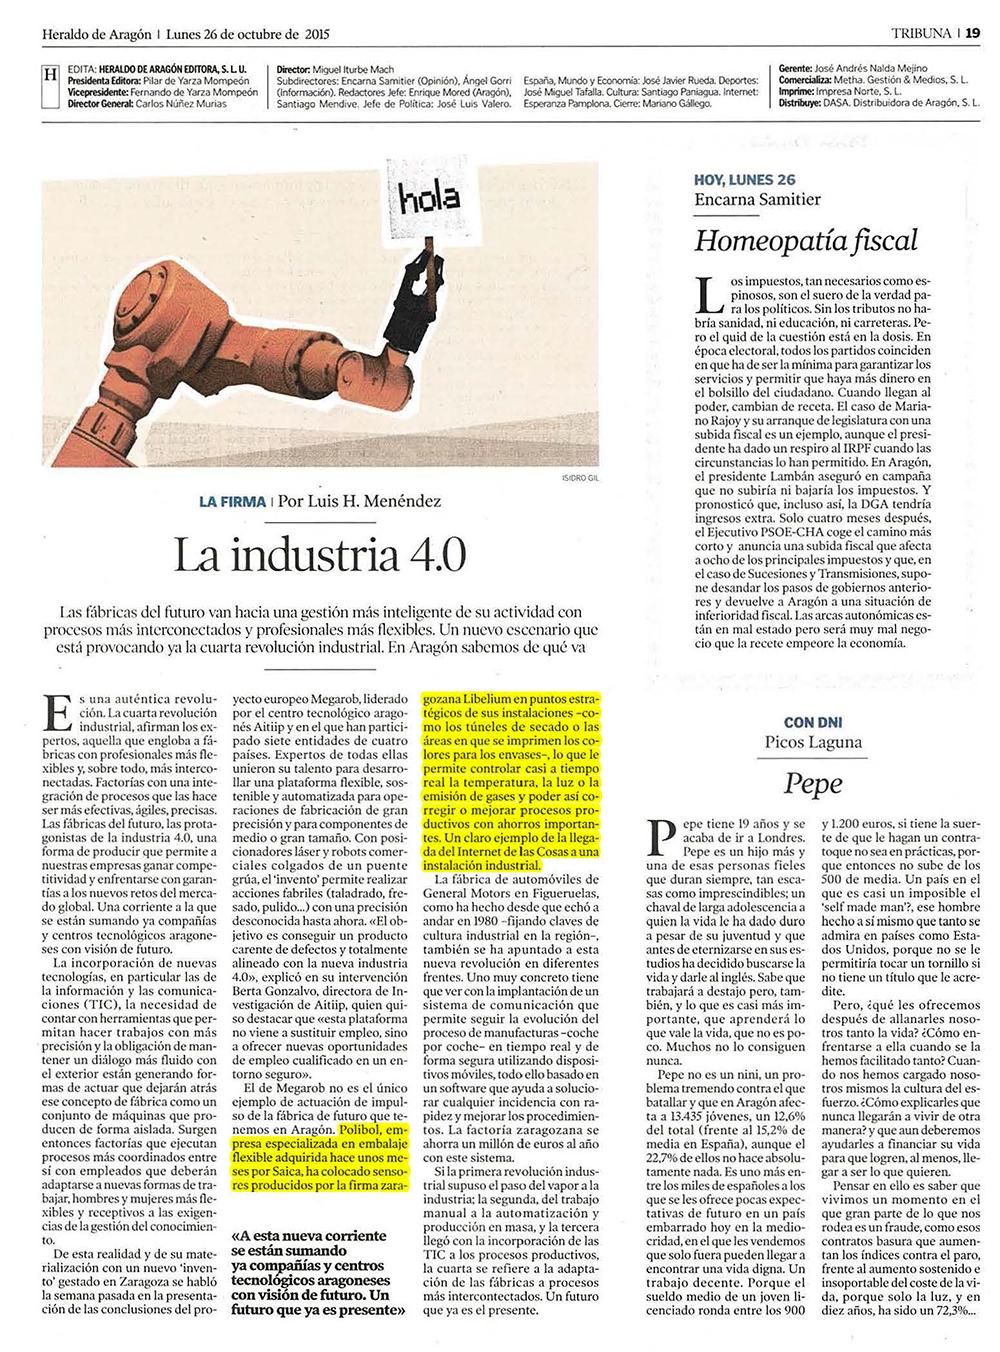 La industria 4.0 - Heraldo de Aragón